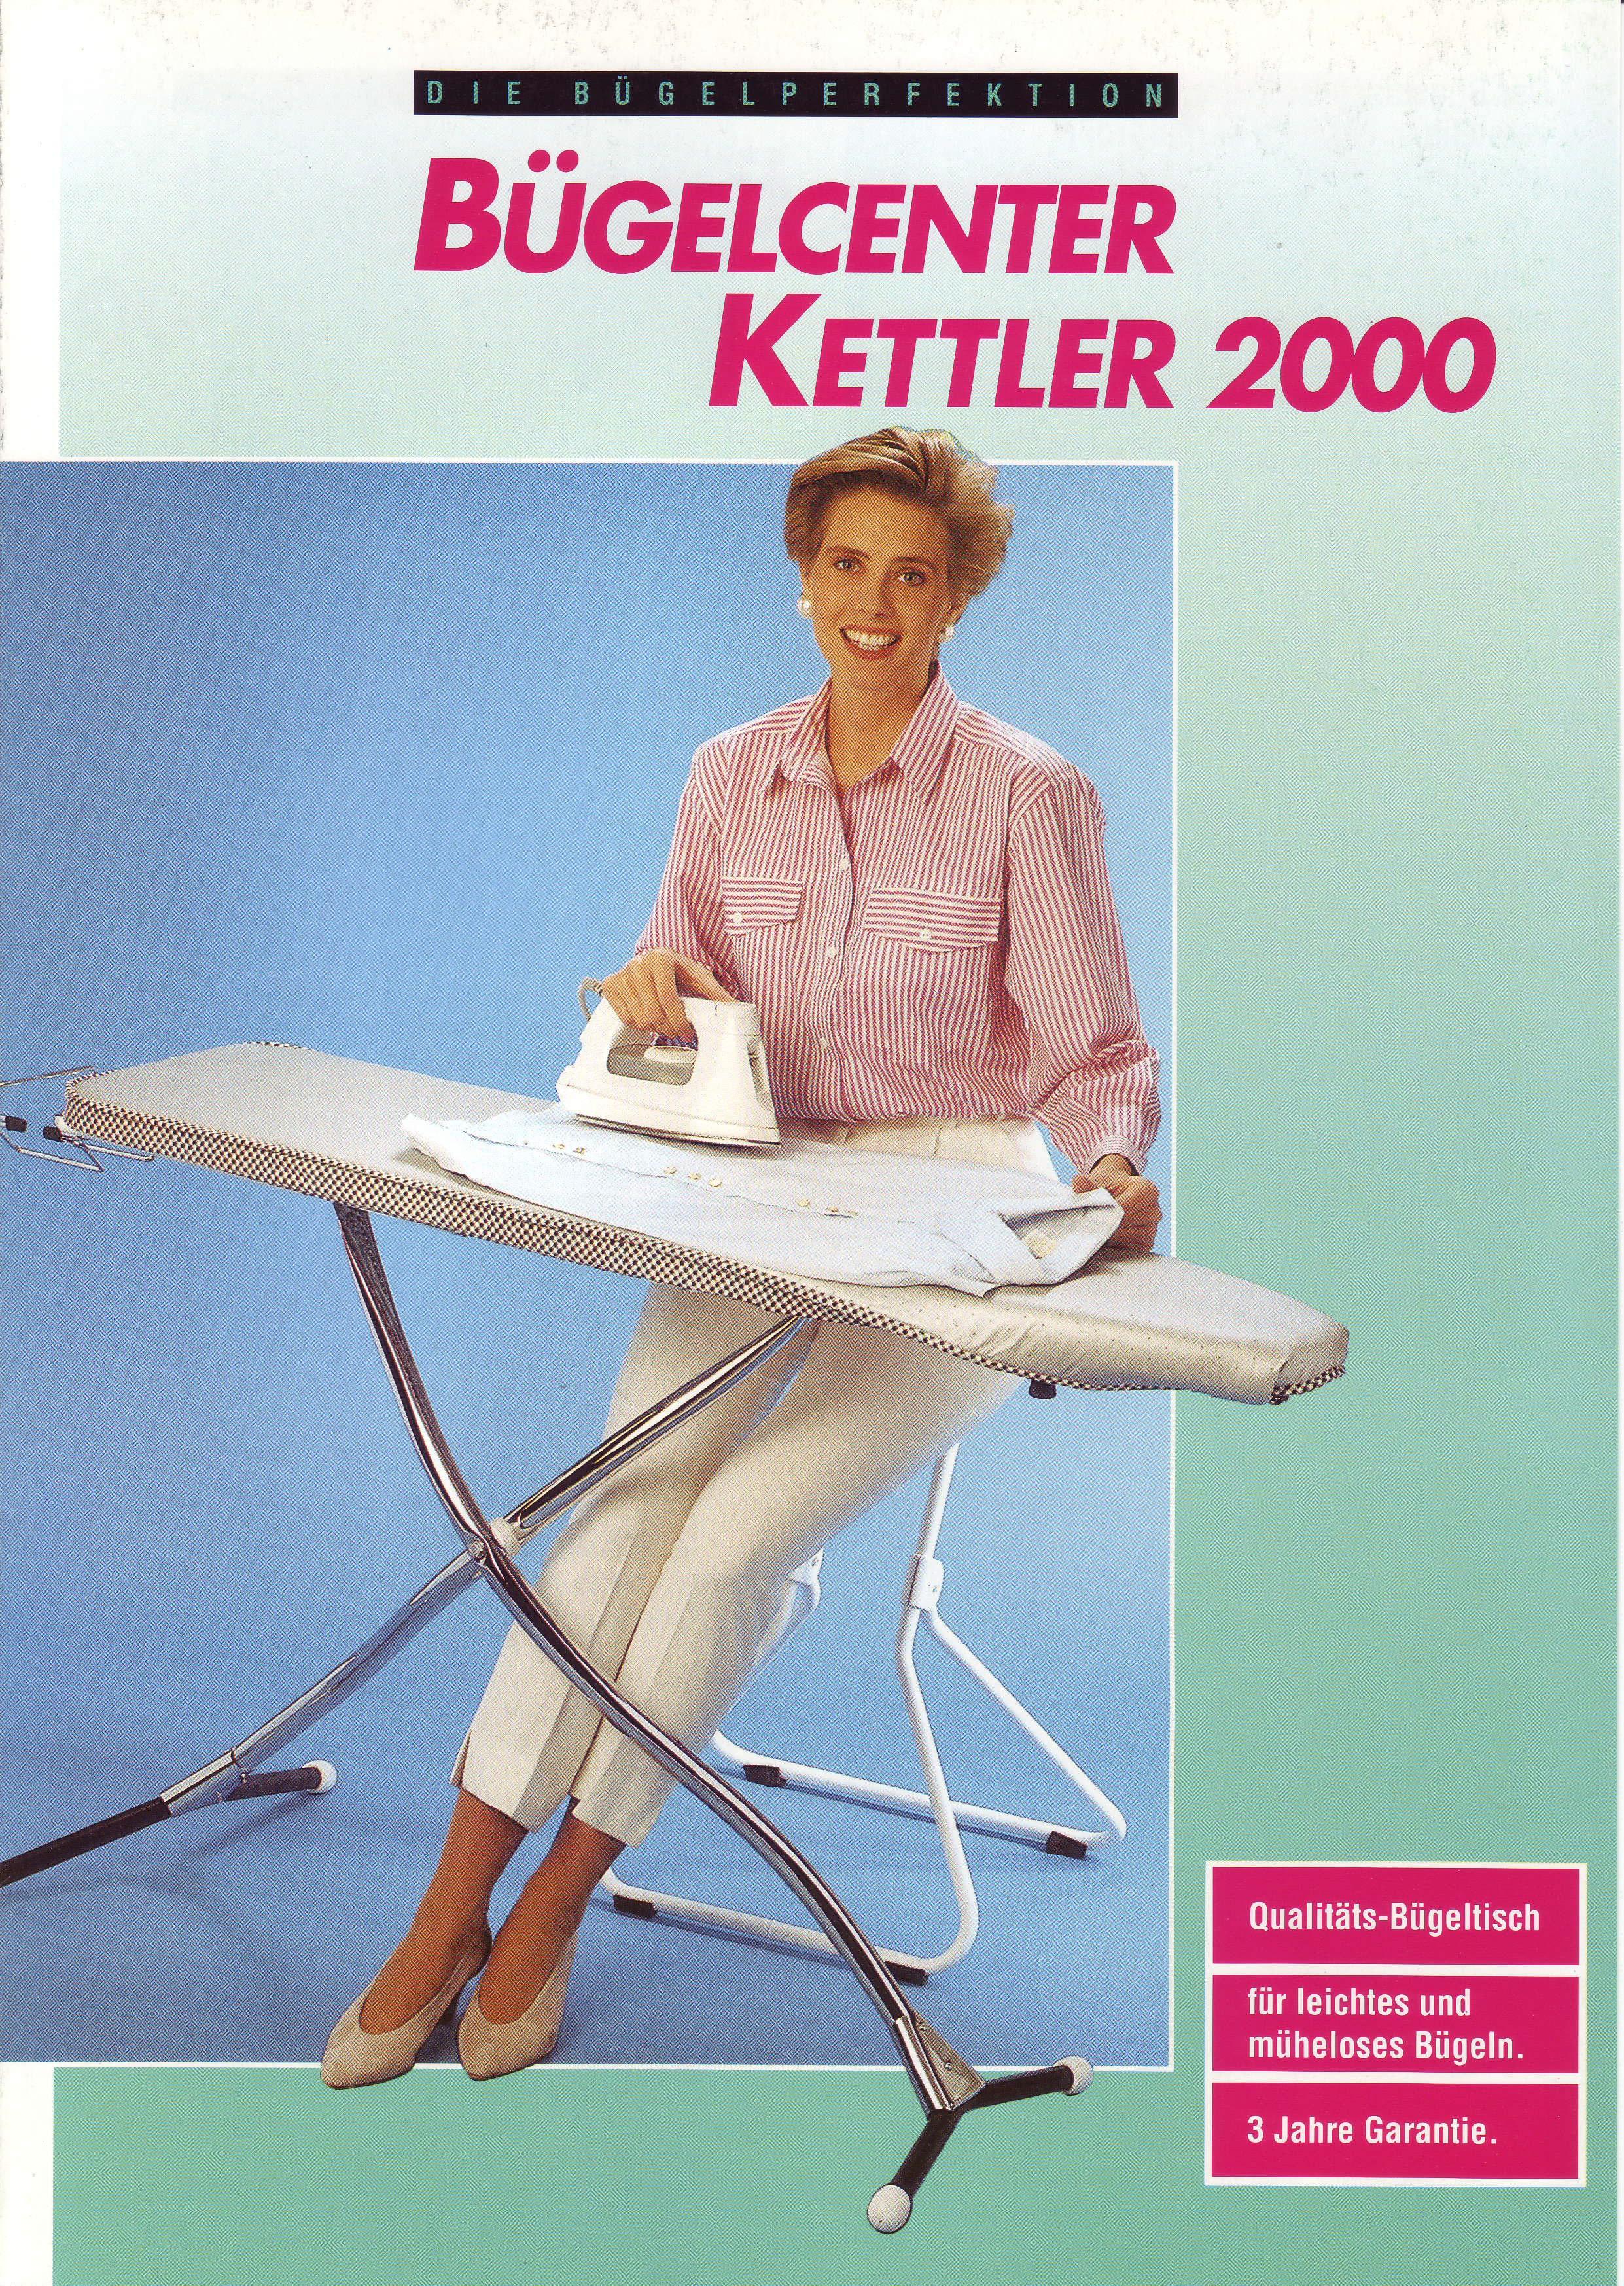 Streckmetallbügeltisch Bügelcenter Kettler 2000 (Mabi 701-1)